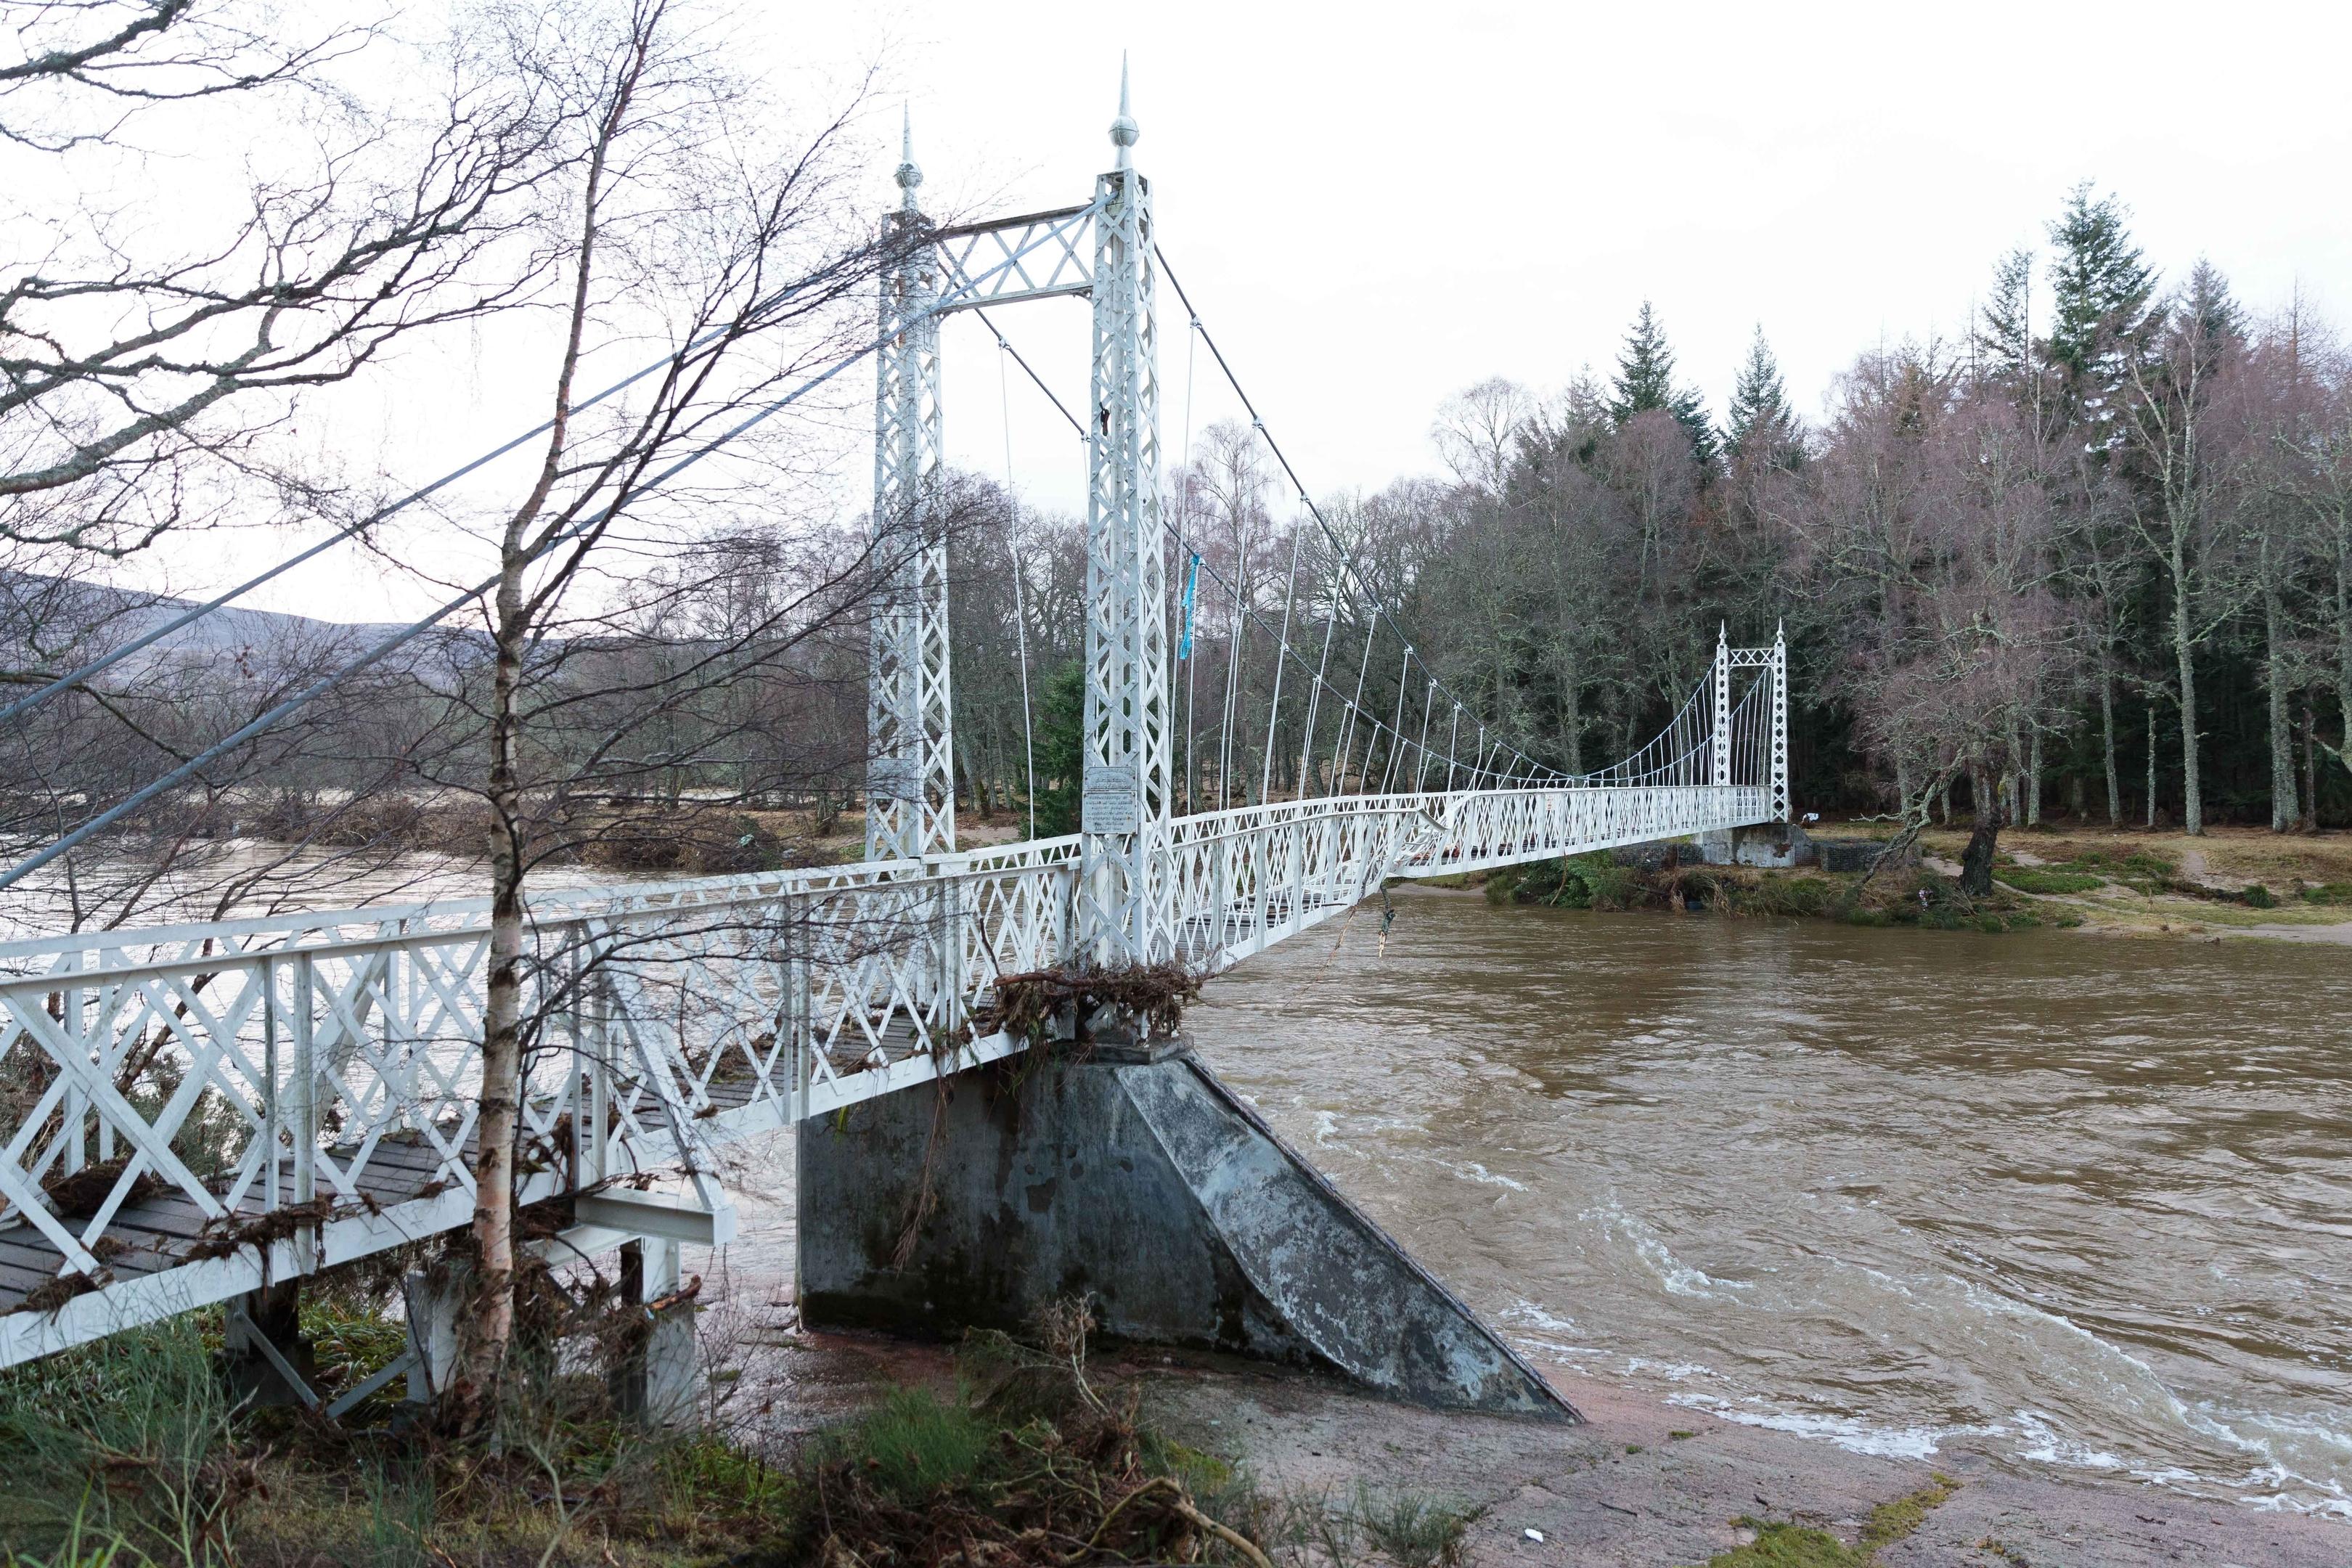 The Bridge at Cambus O'May, bent but still standing